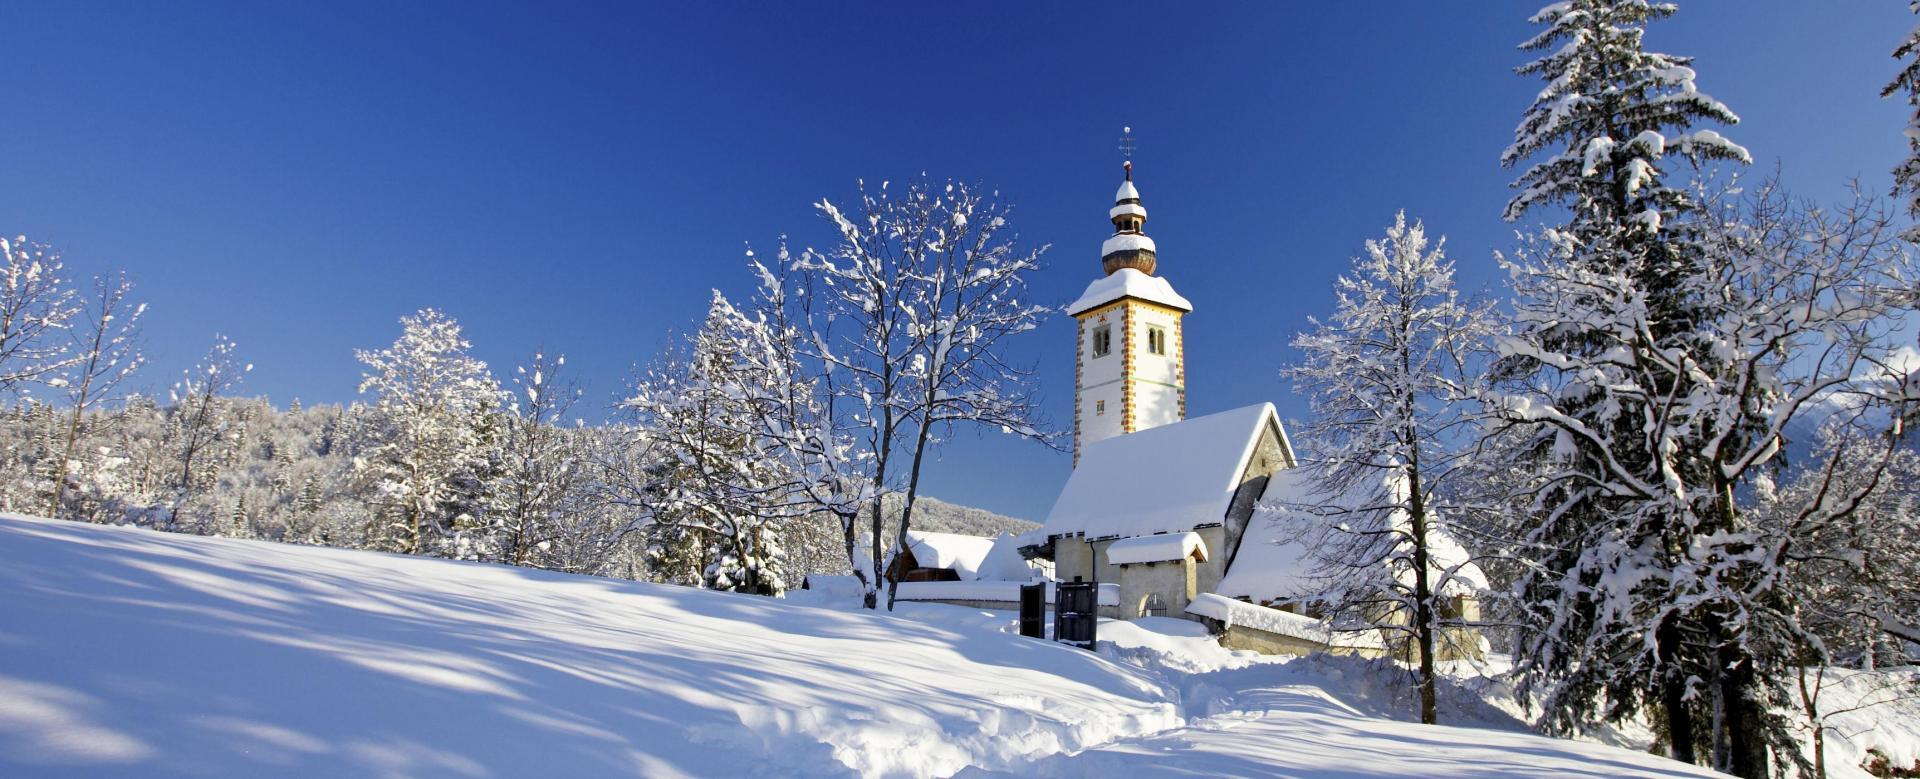 Voyage à la neige Slovénie : Le triglav sous la neige